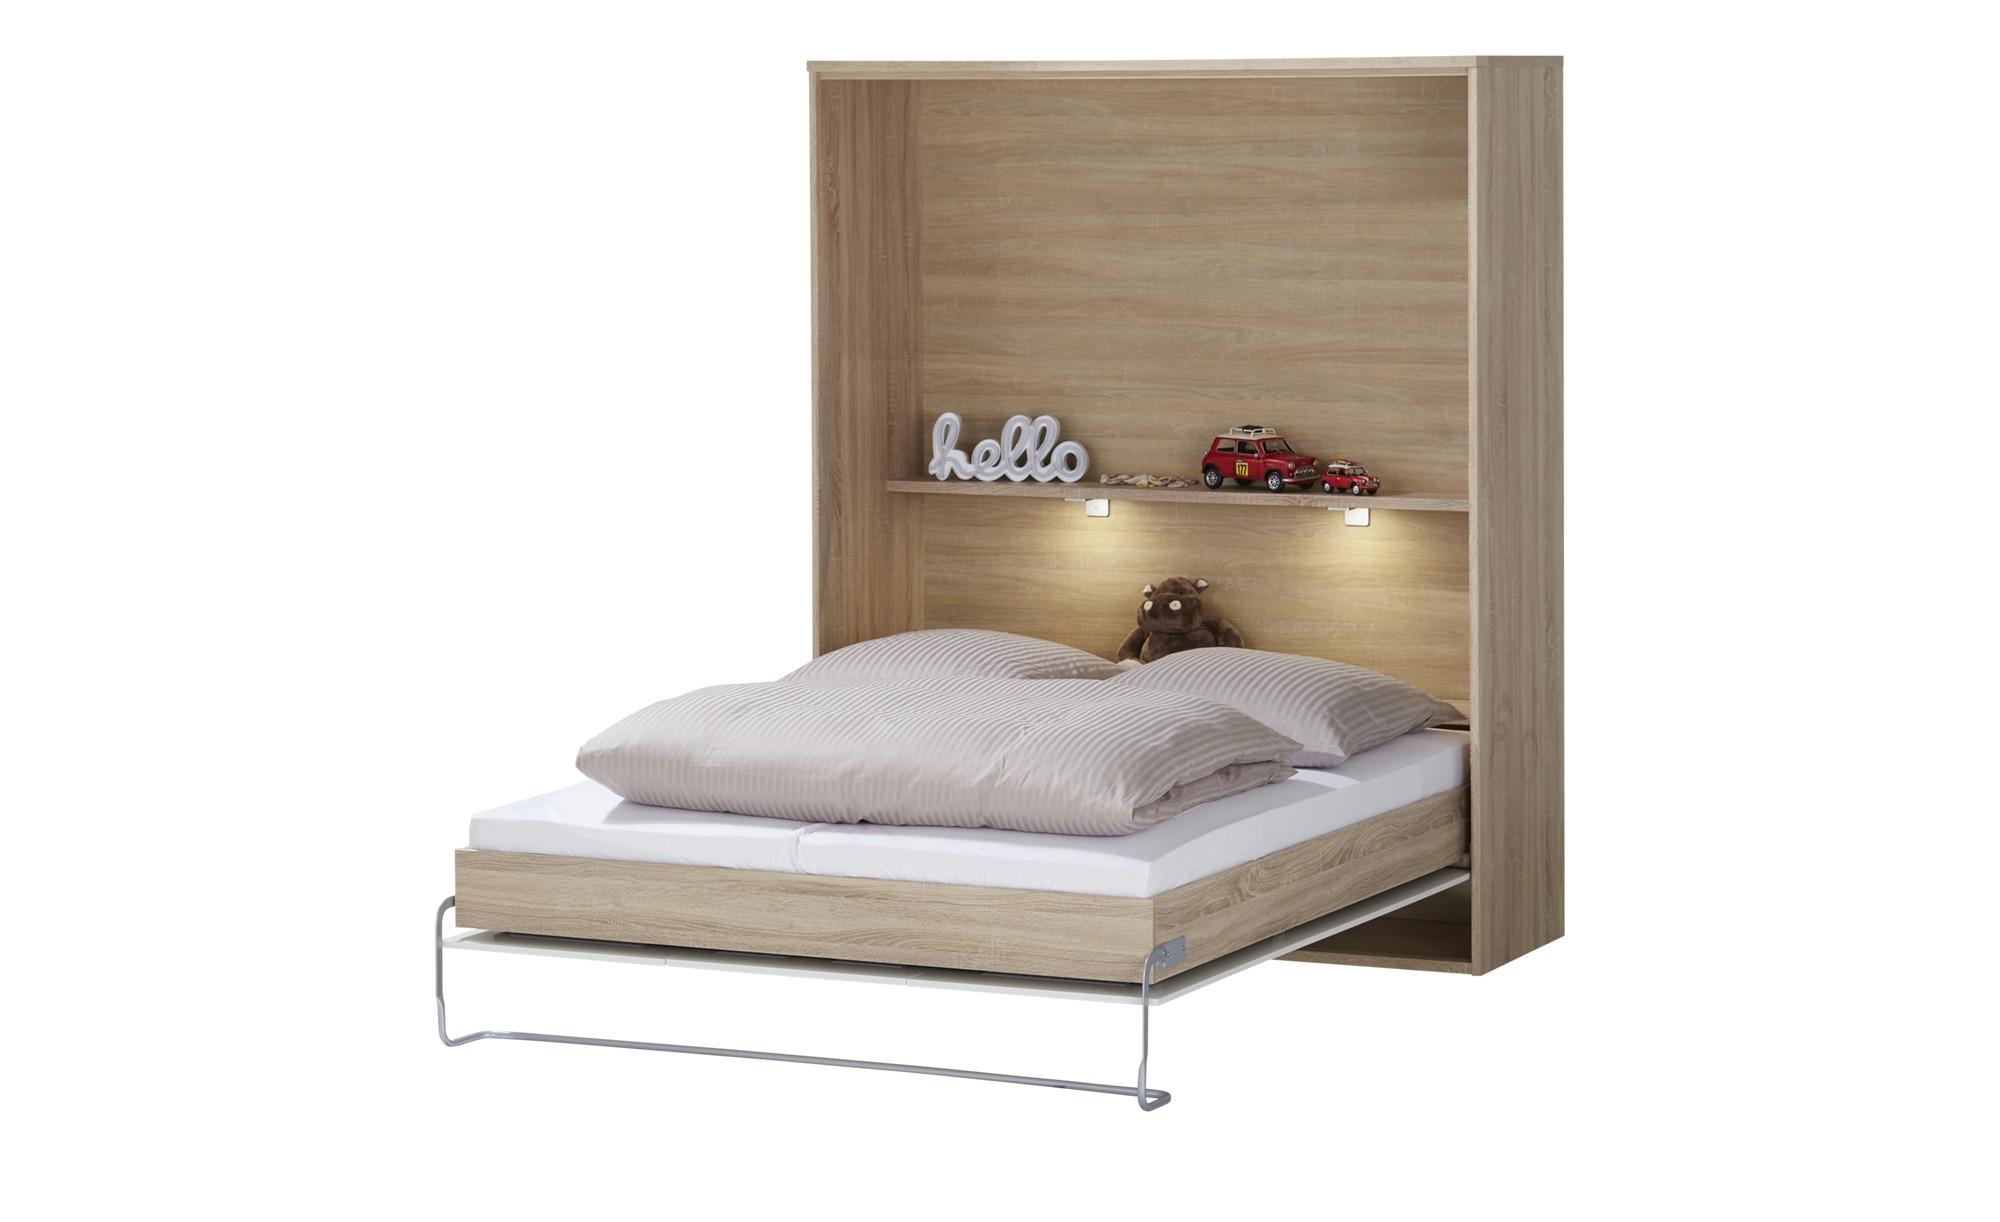 Schrankbett - holzfarben - 173 cm - 211 cm - 60 cm - Betten > Bettgestelle - Möbel Kraft   Schlafzimmer > Betten > Schrankbetten   Sconto